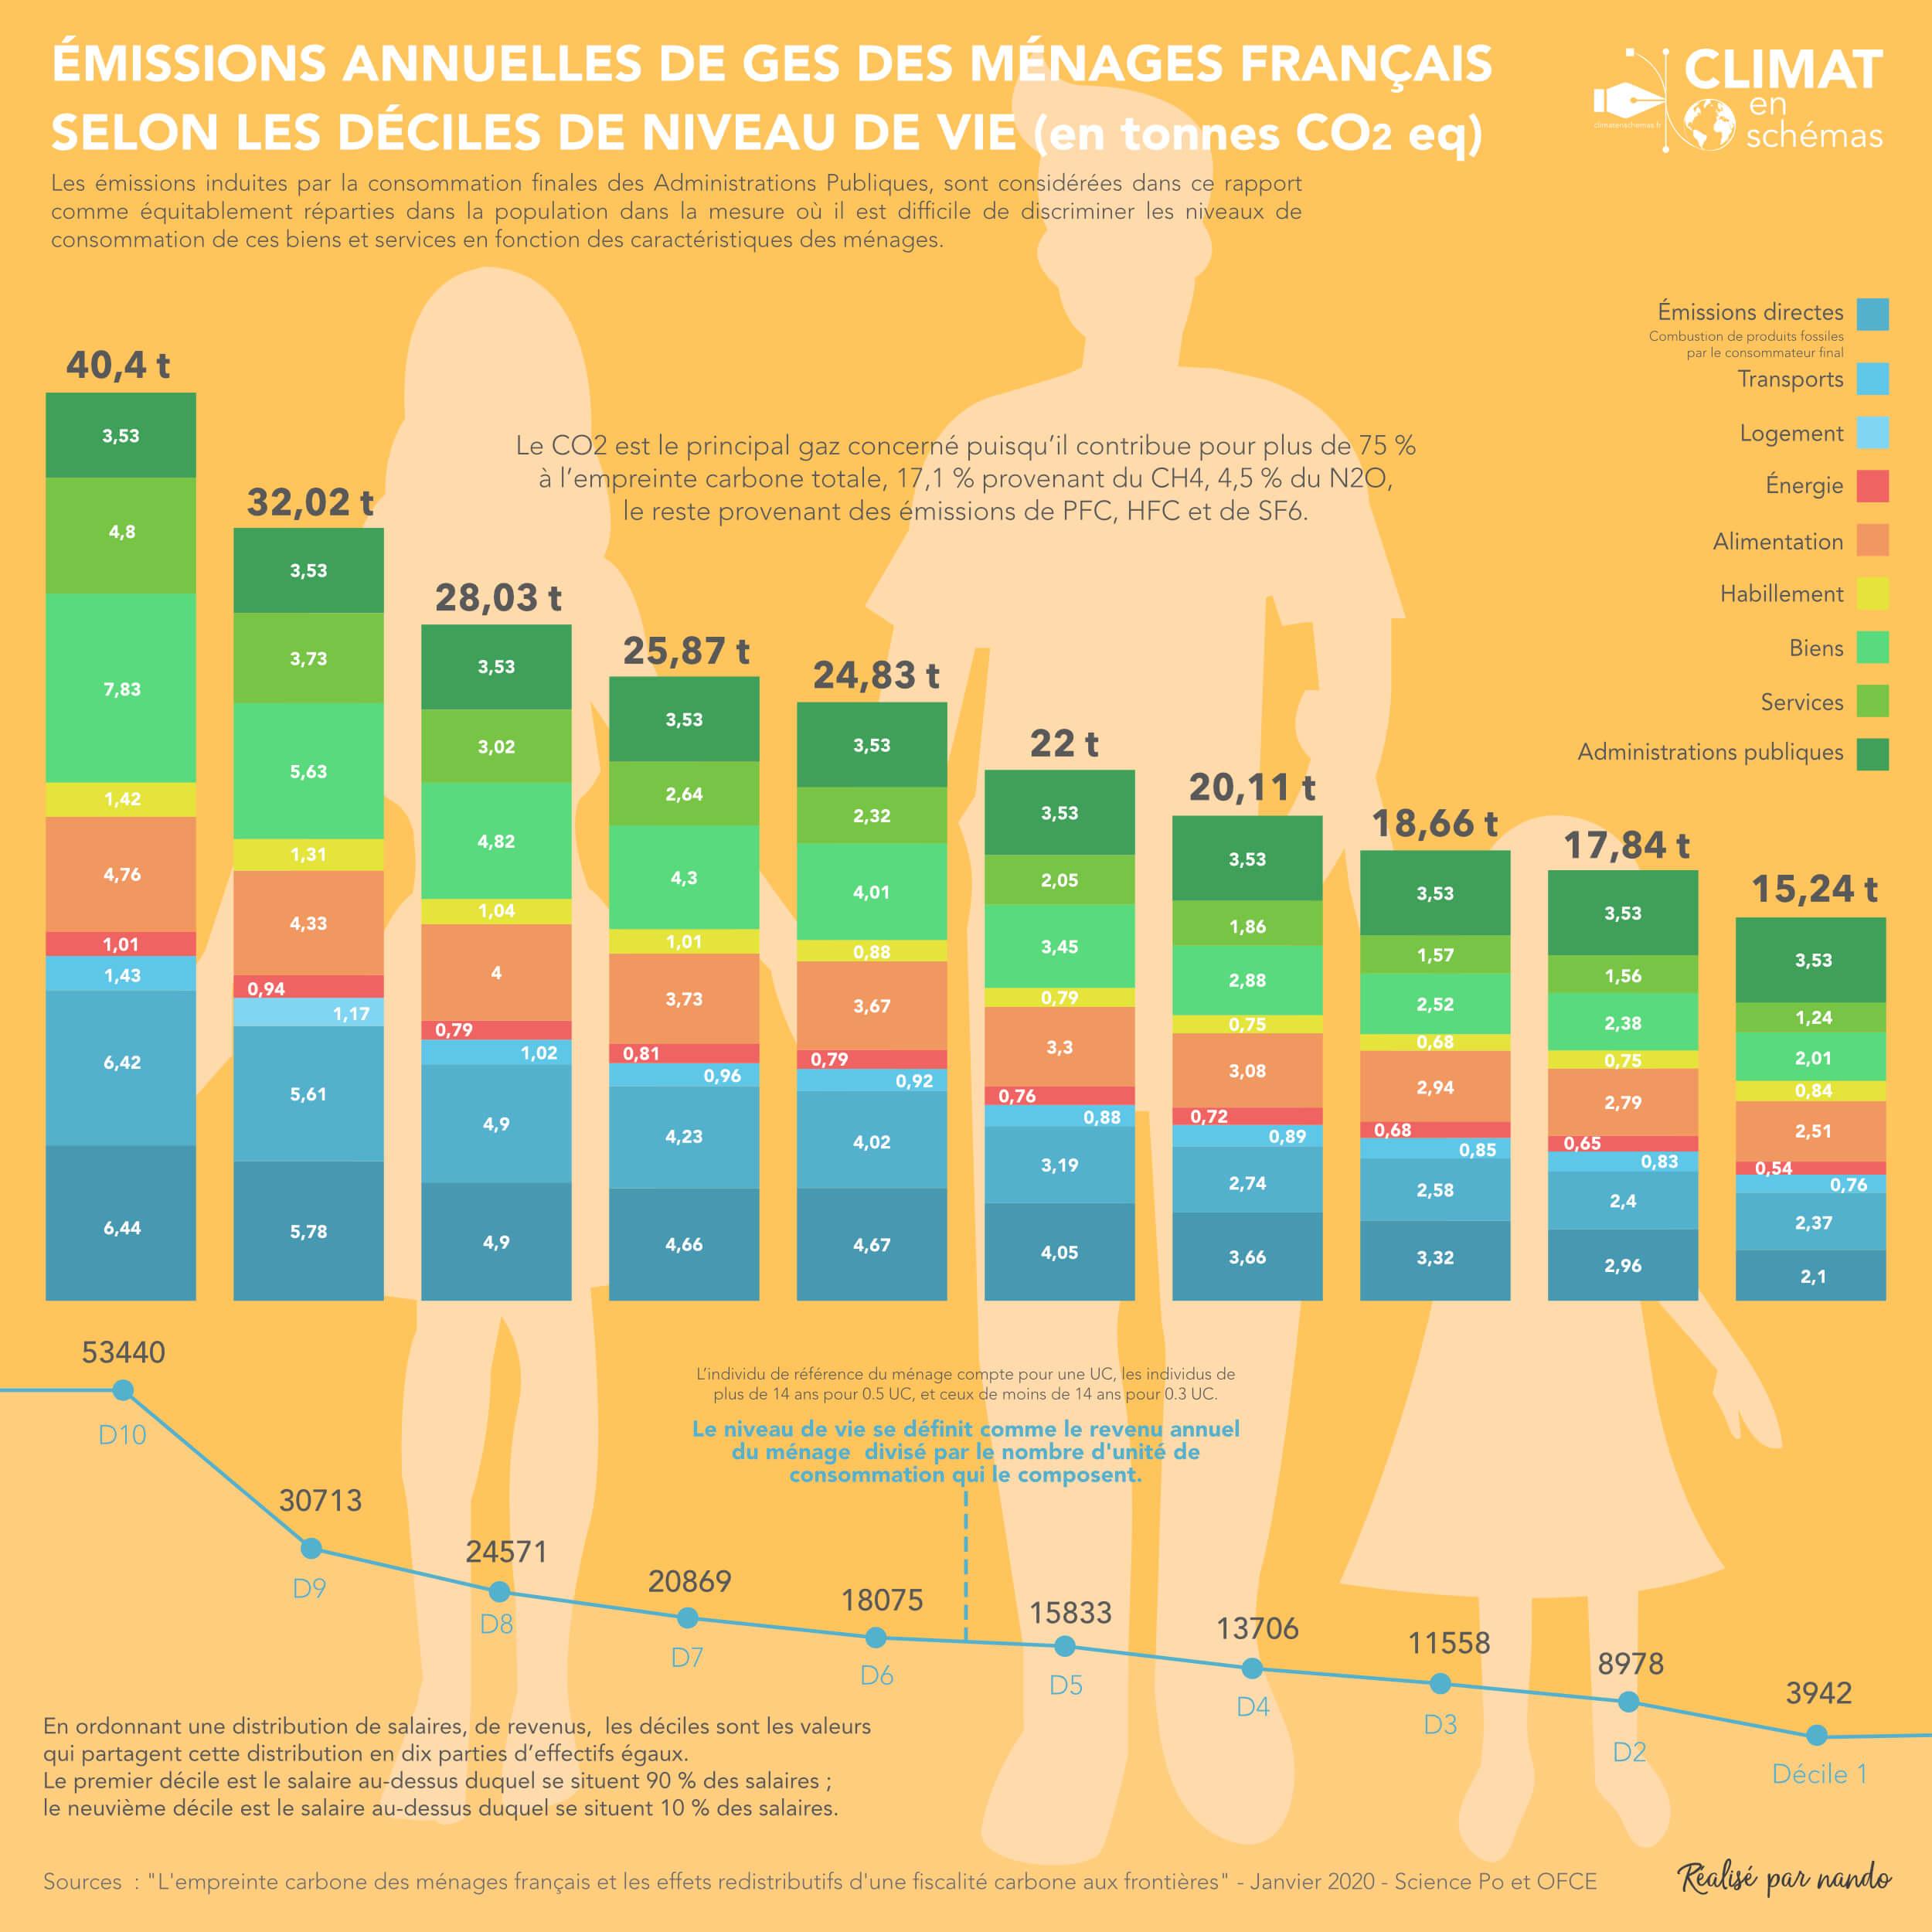 Émissions annuelles de GES des ménages français